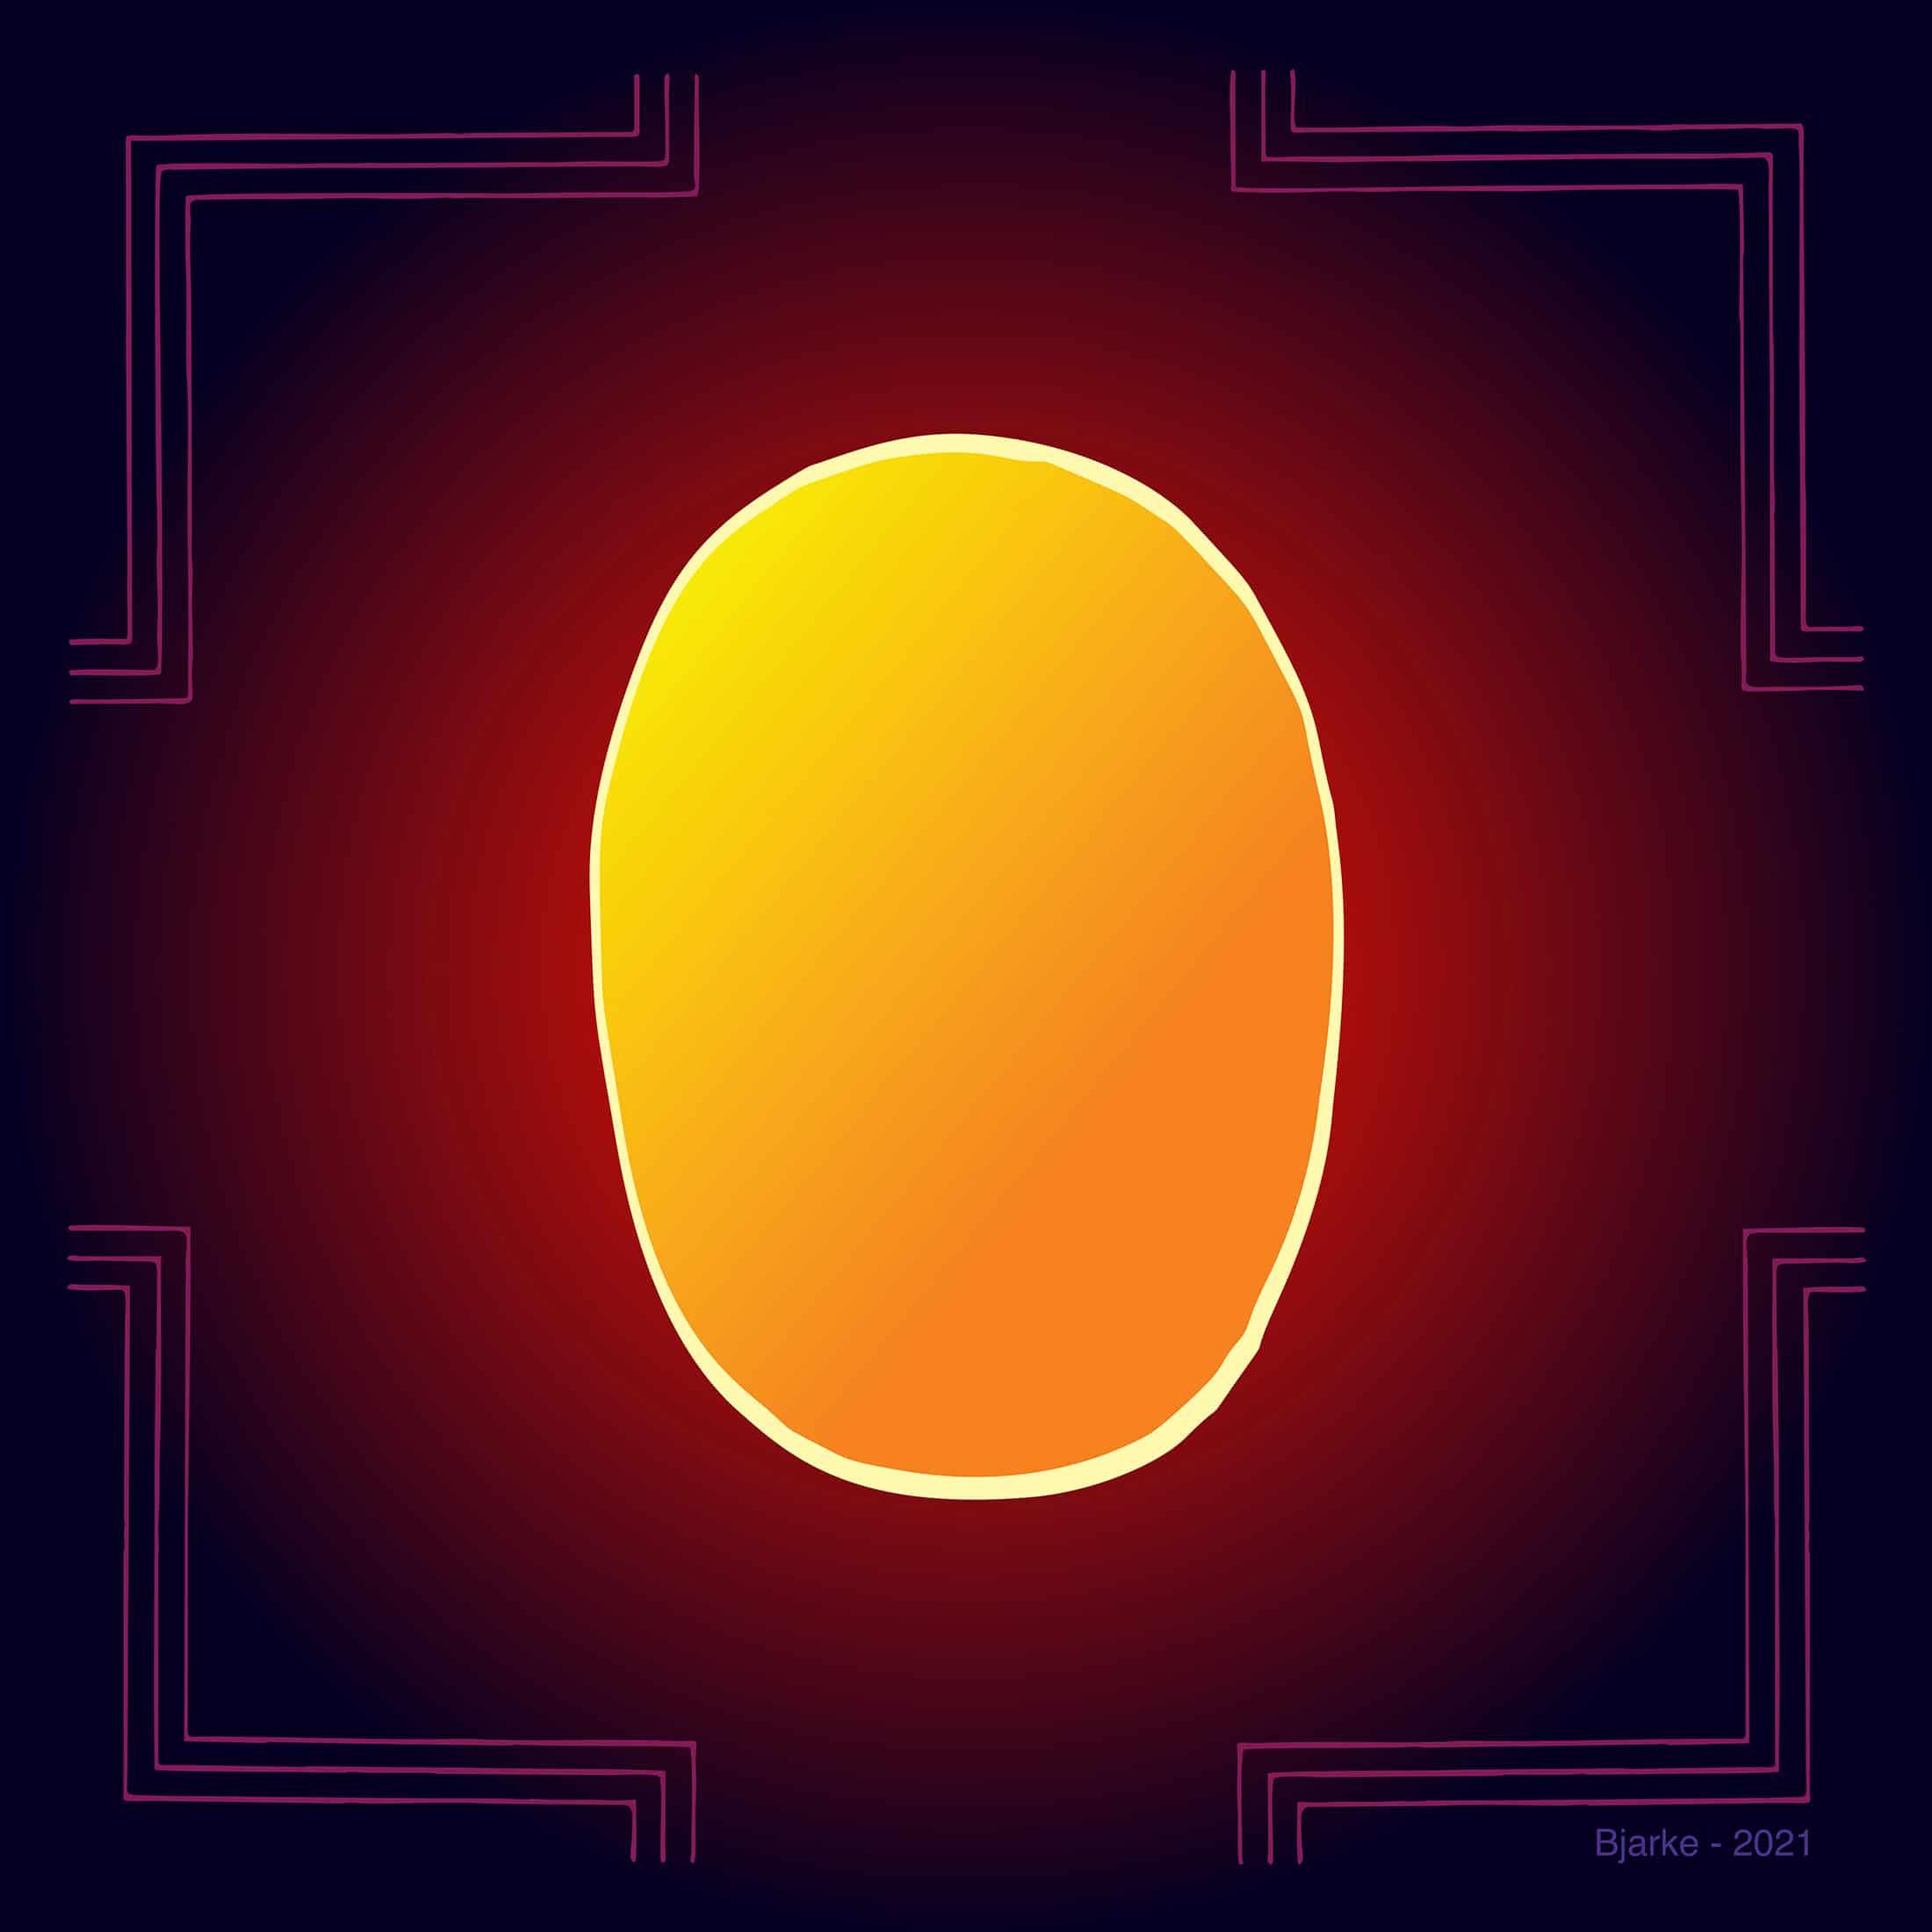 Det Gyldne Egg